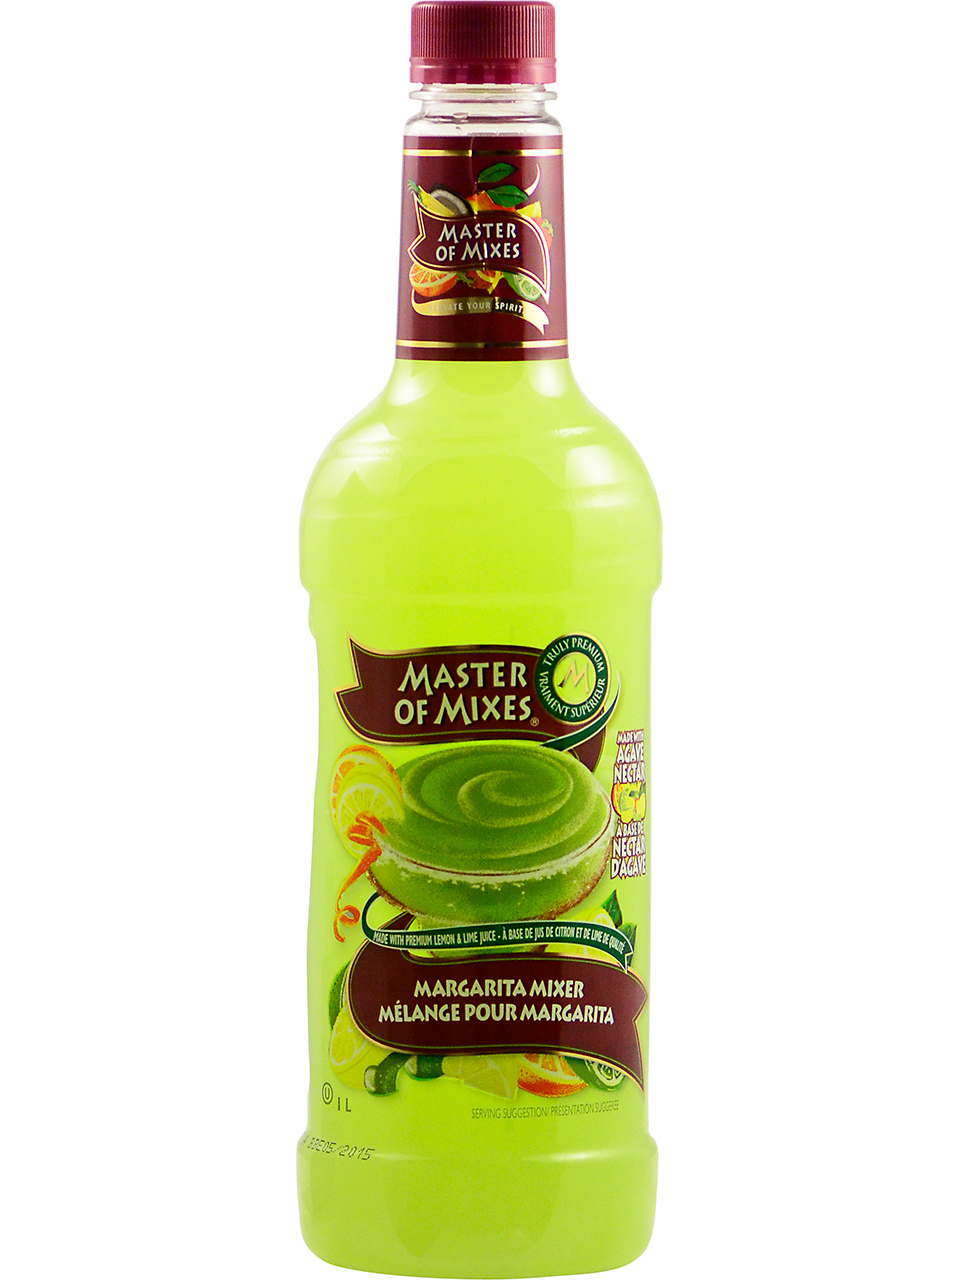 Master of Mixes Margarita Mixer